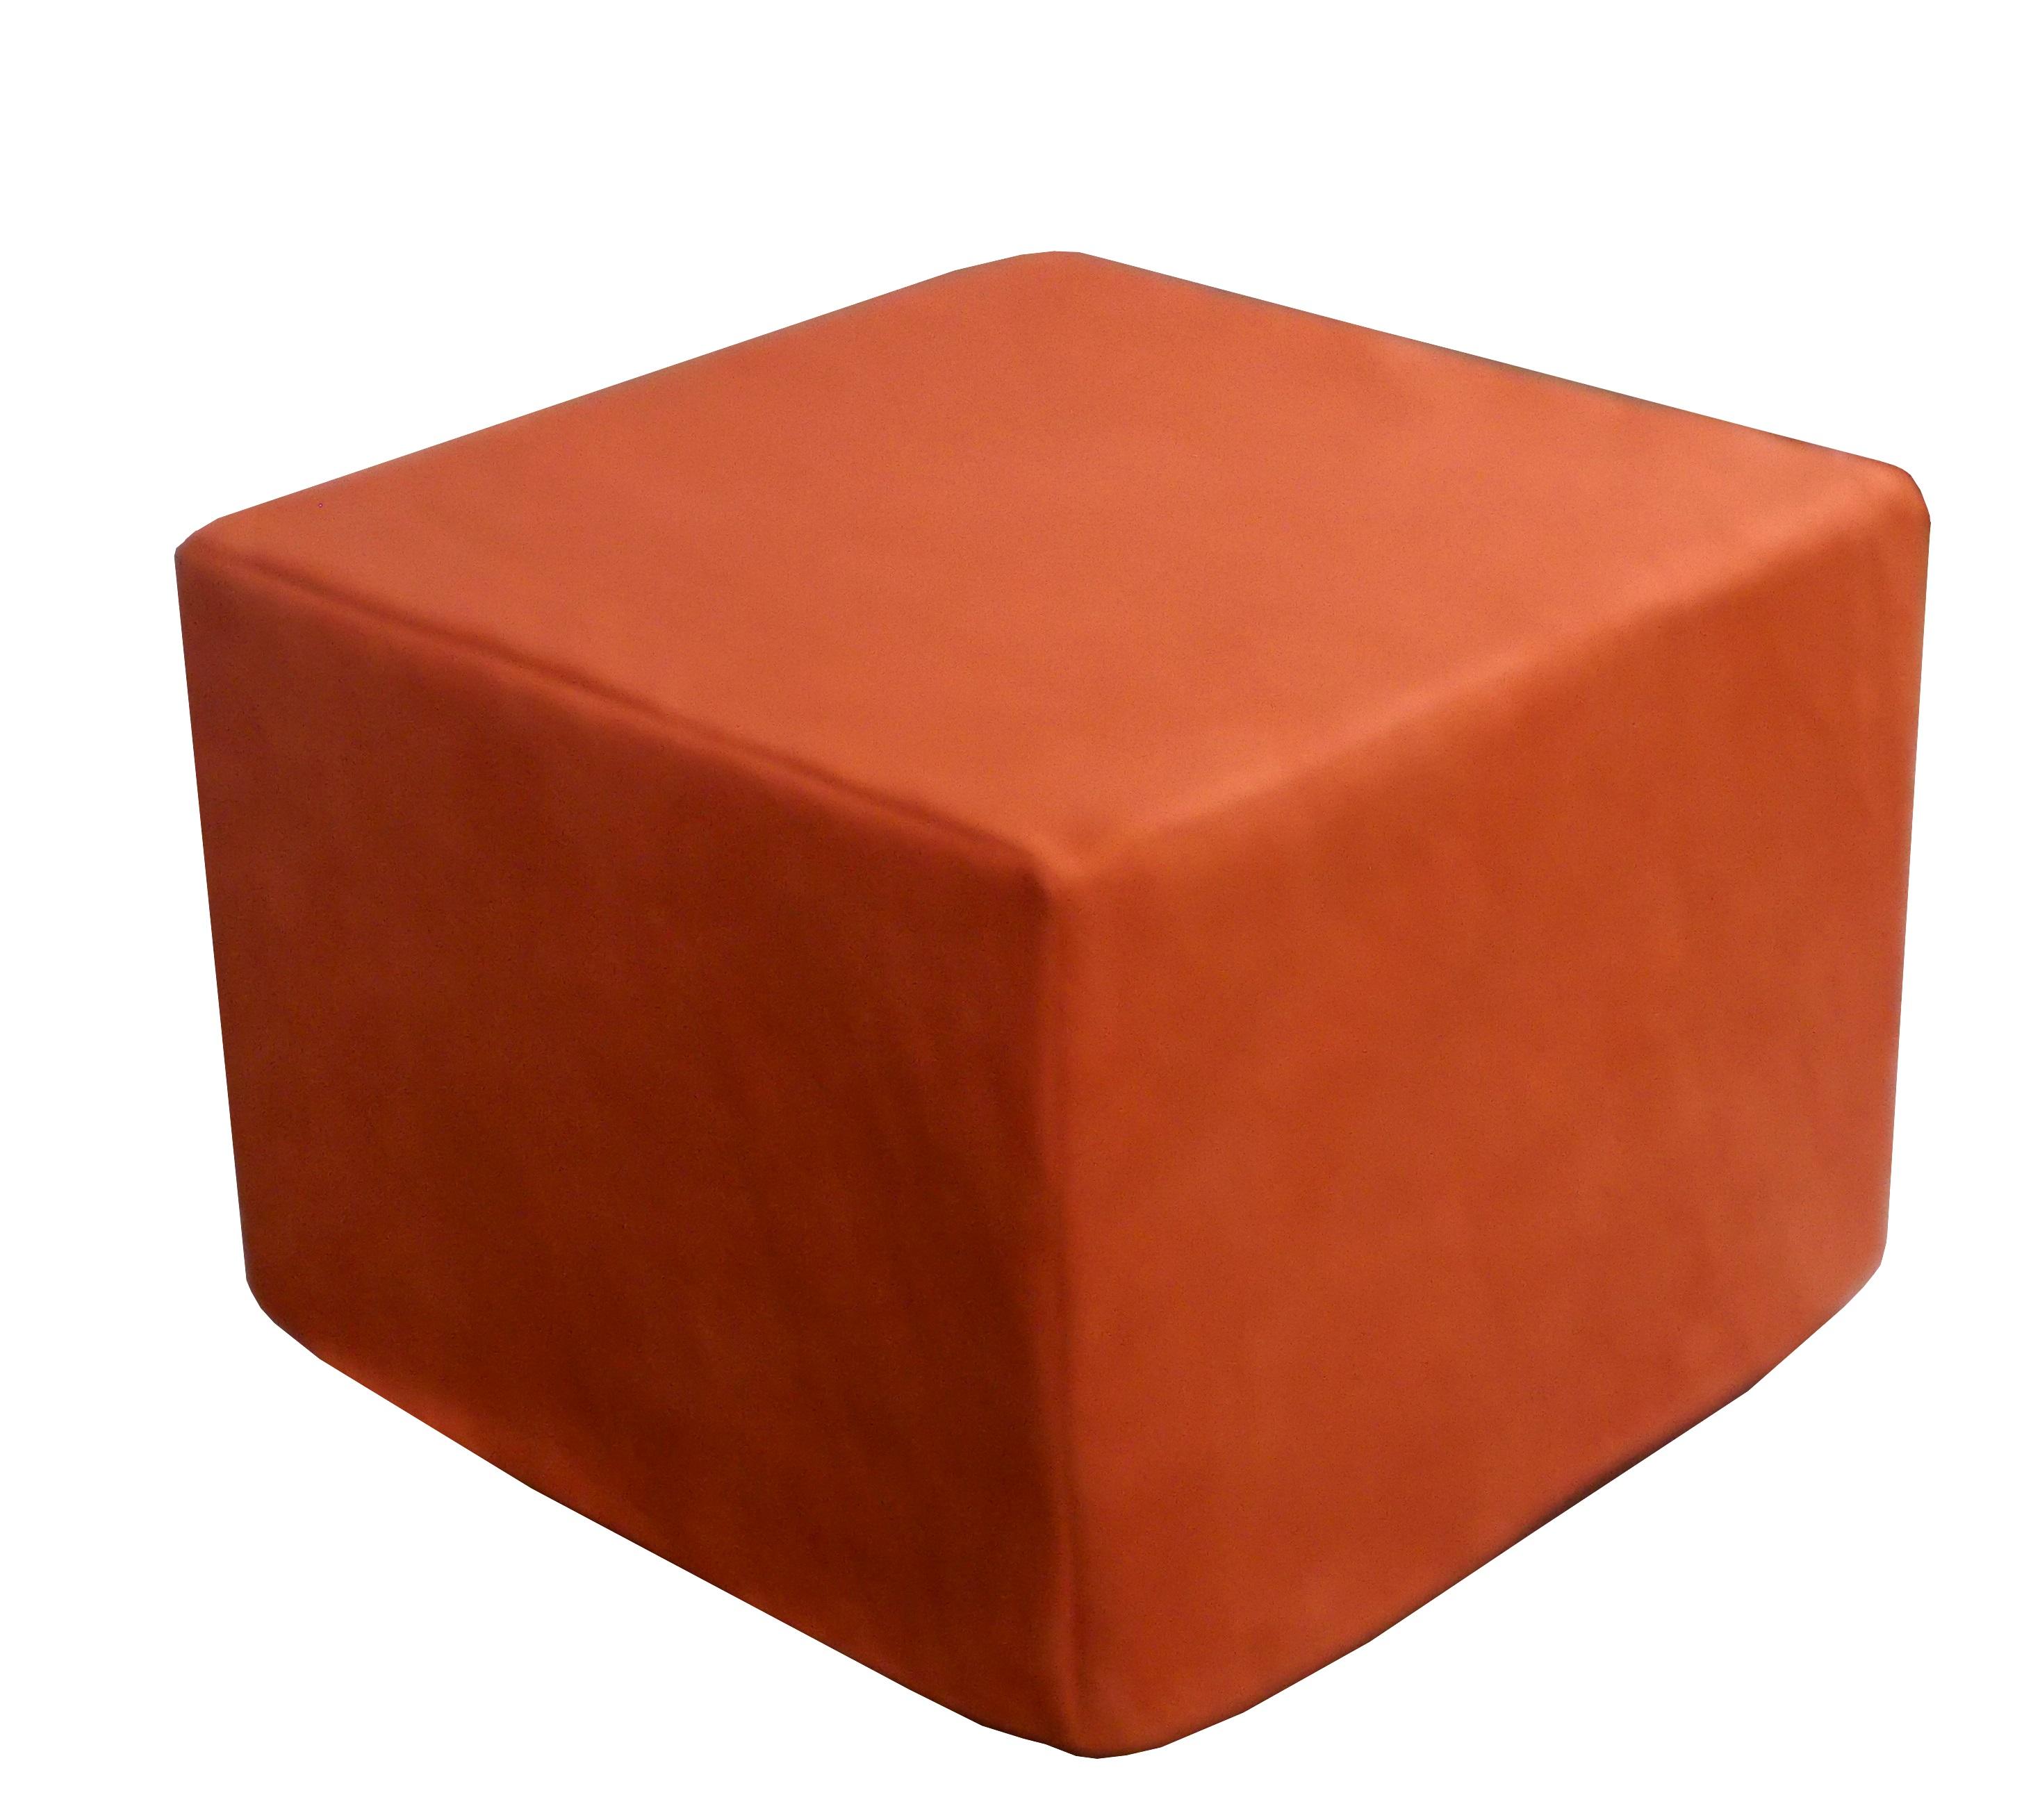 Puf pouf letto futon senza rete misura 65x65 cm aperto - Pouf letto design ...